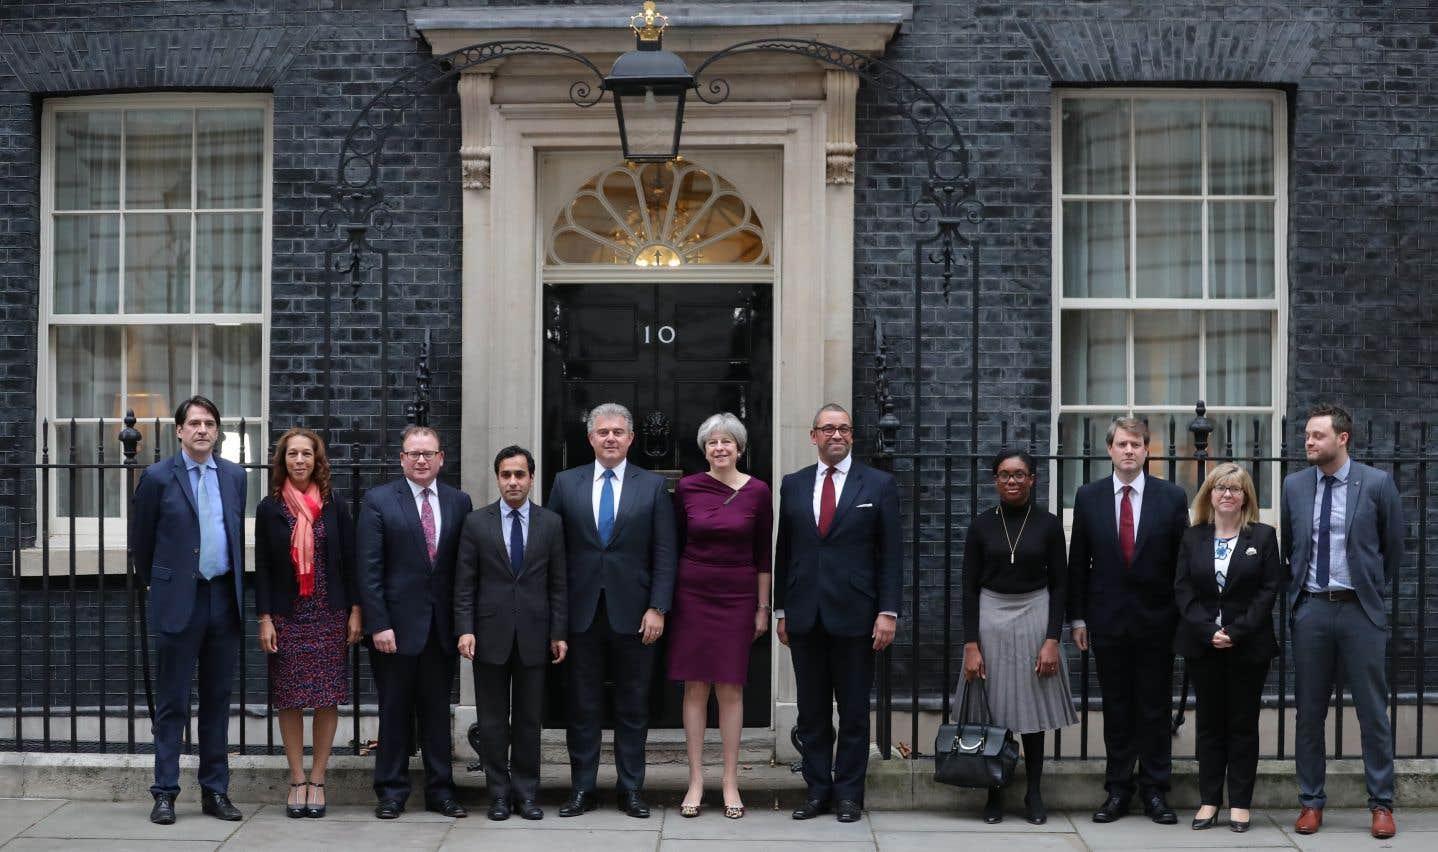 Theresa May et son équipe ministérielle pose devant le 10 Downing Street, résidence et lieu de travail de la première ministre.